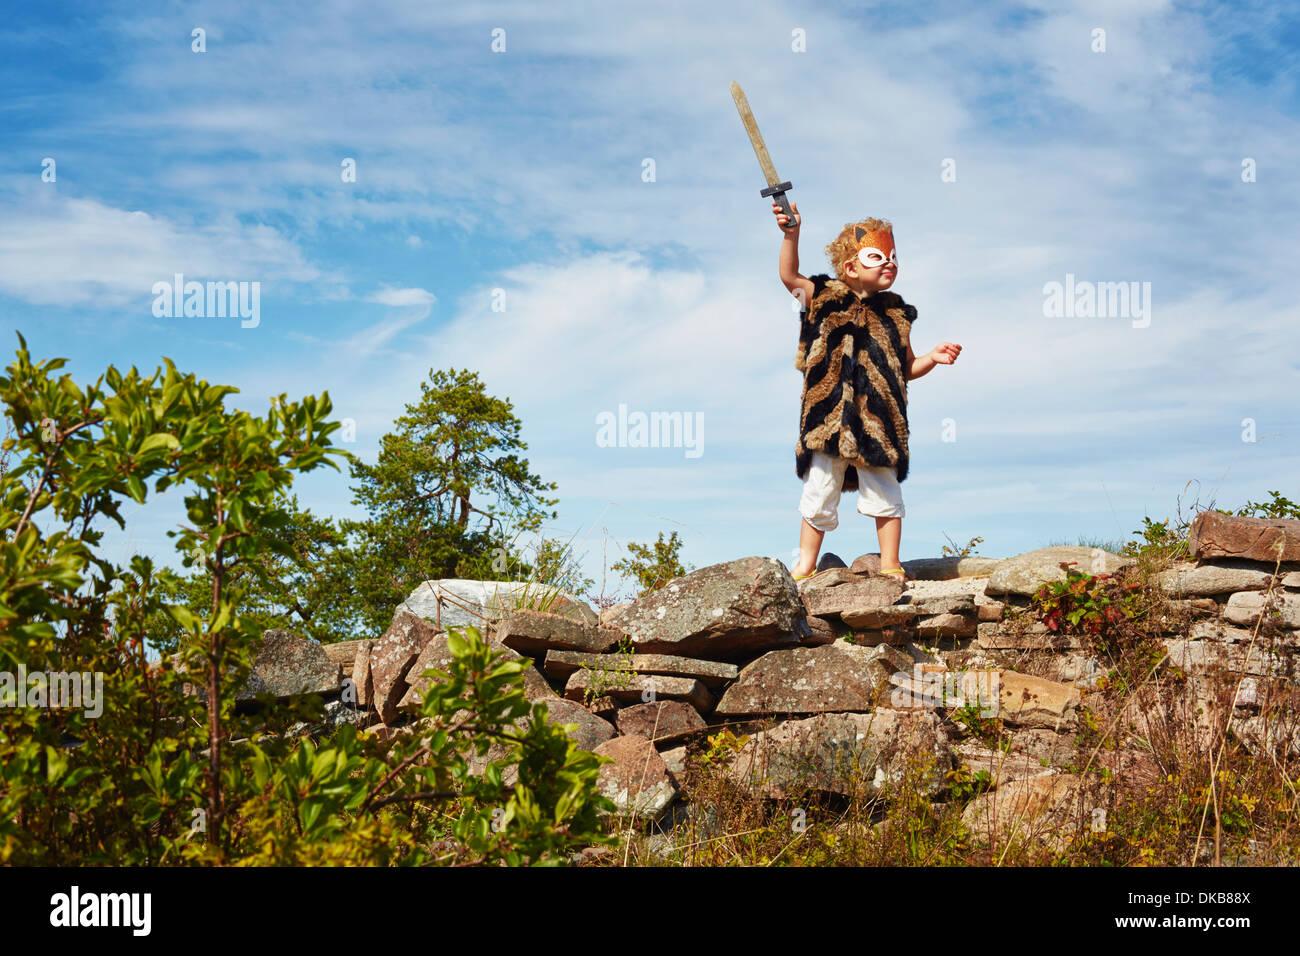 Girl holding wooden sword, Eggergrund, Sweden - Stock Image